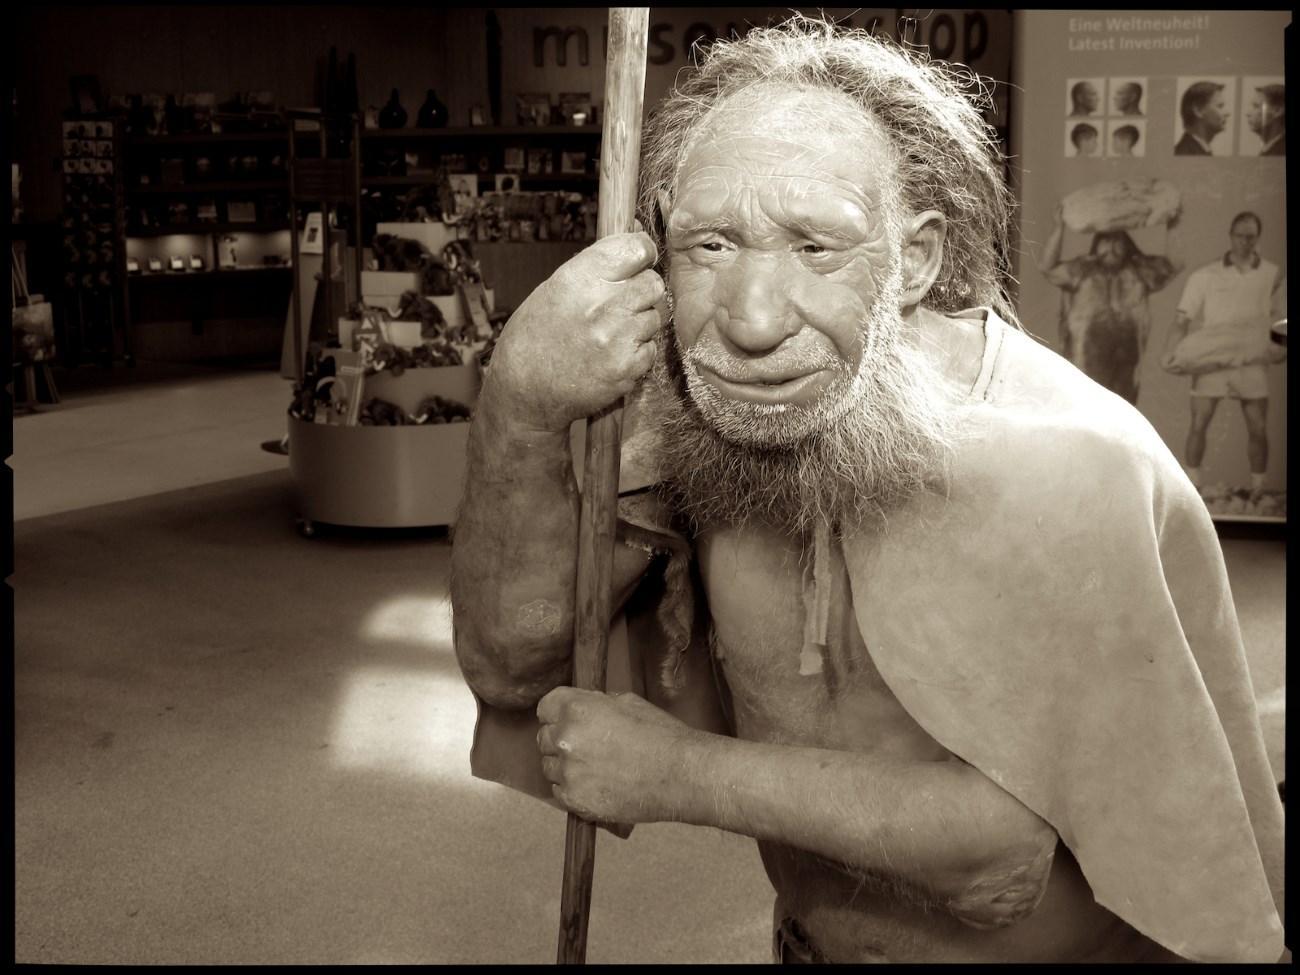 современные люди стали еще ближе к неандертальцам